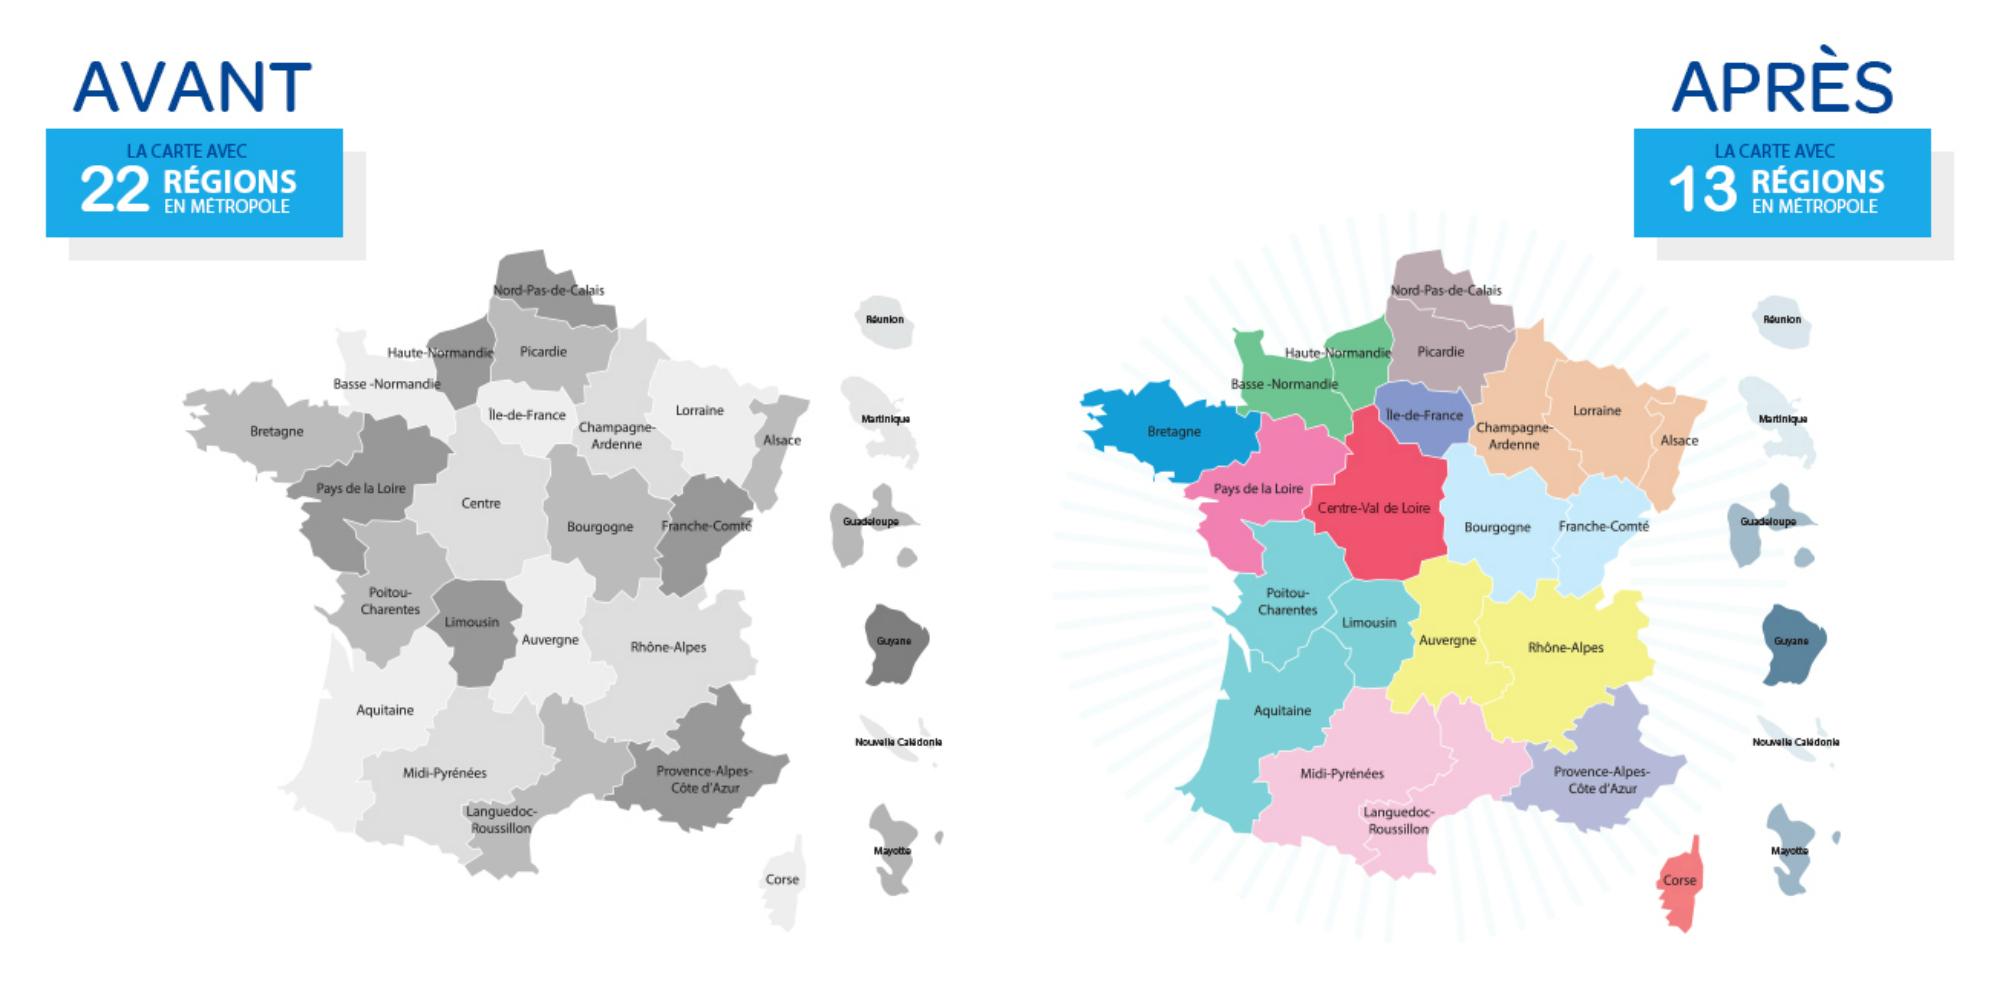 Les régions françaises en 2016